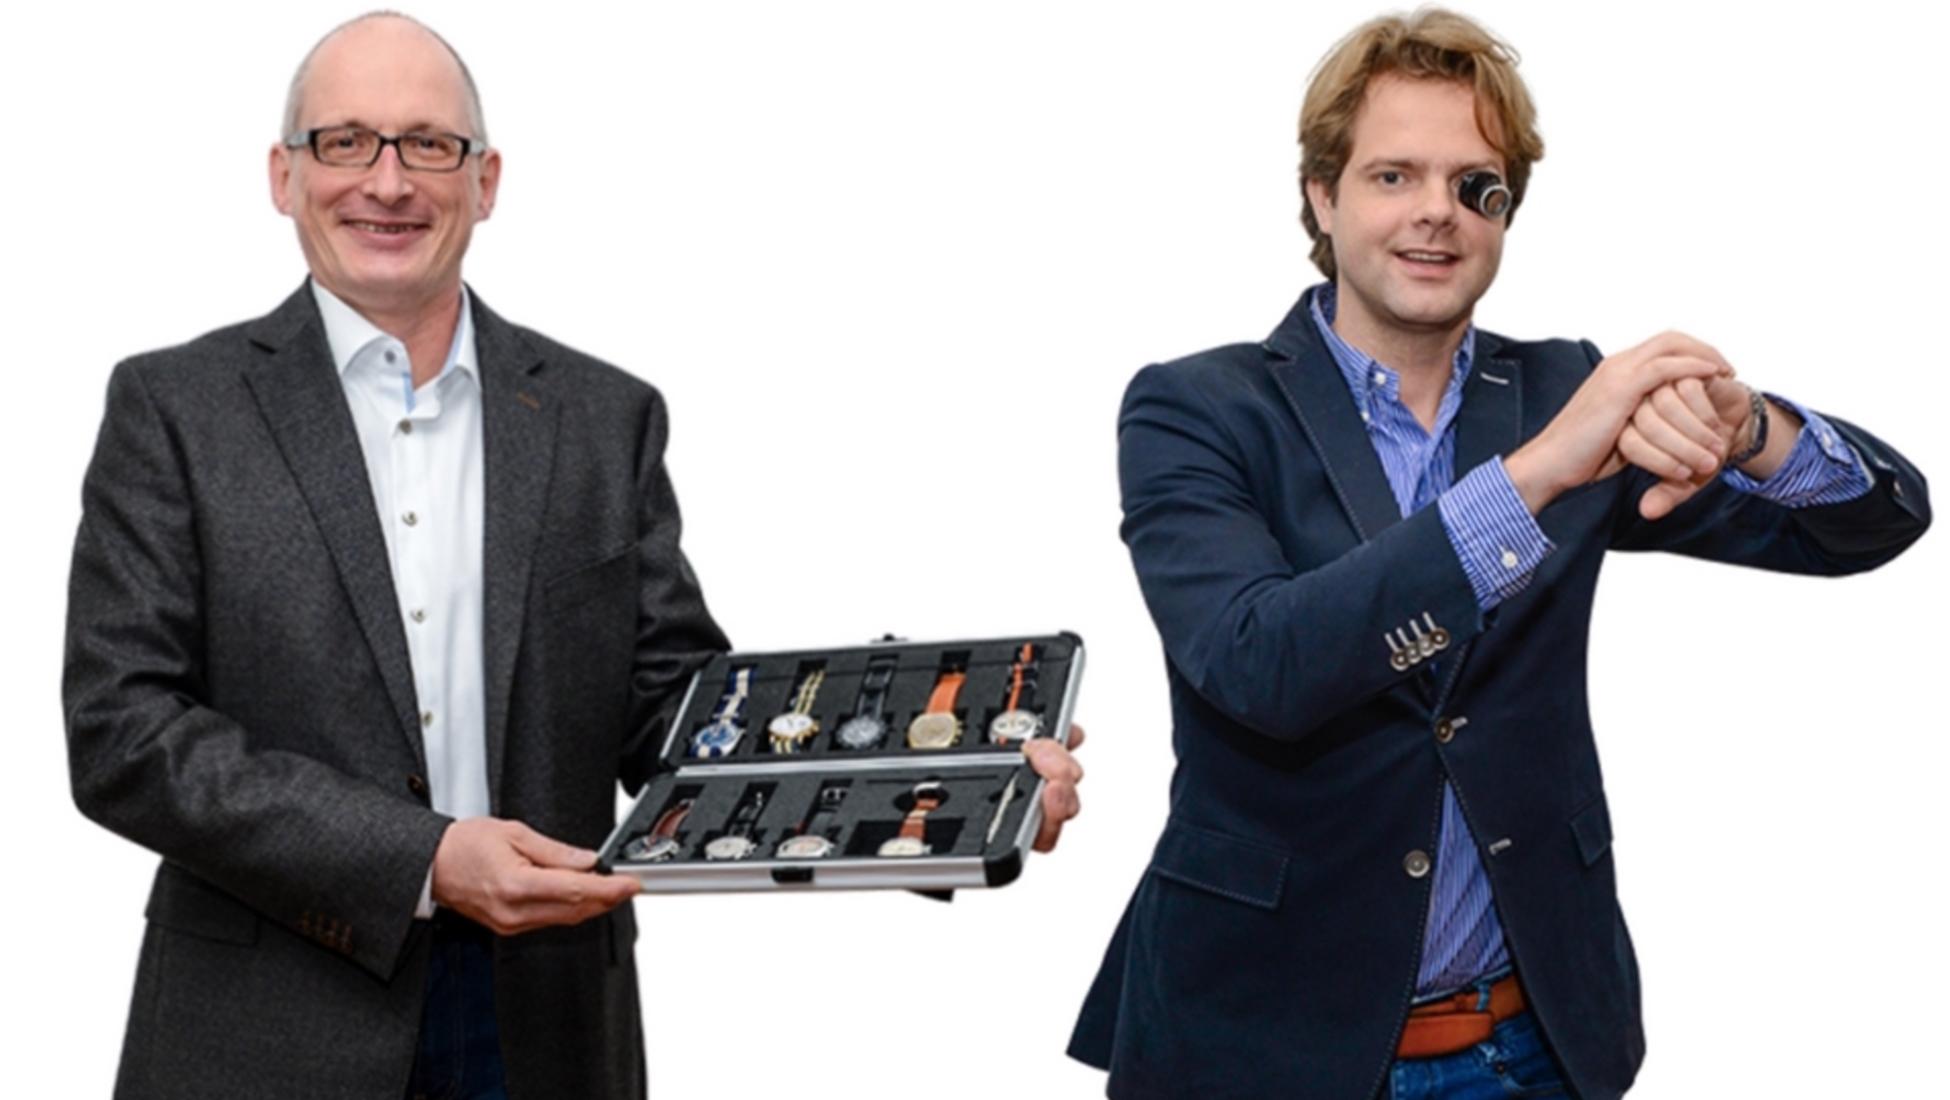 20e5b59157c ... utiliza as suas competências e conhecimentos para garantir a maior  qualidade possível dos relógios vendidos na Catawiki. Está preparado para  investir